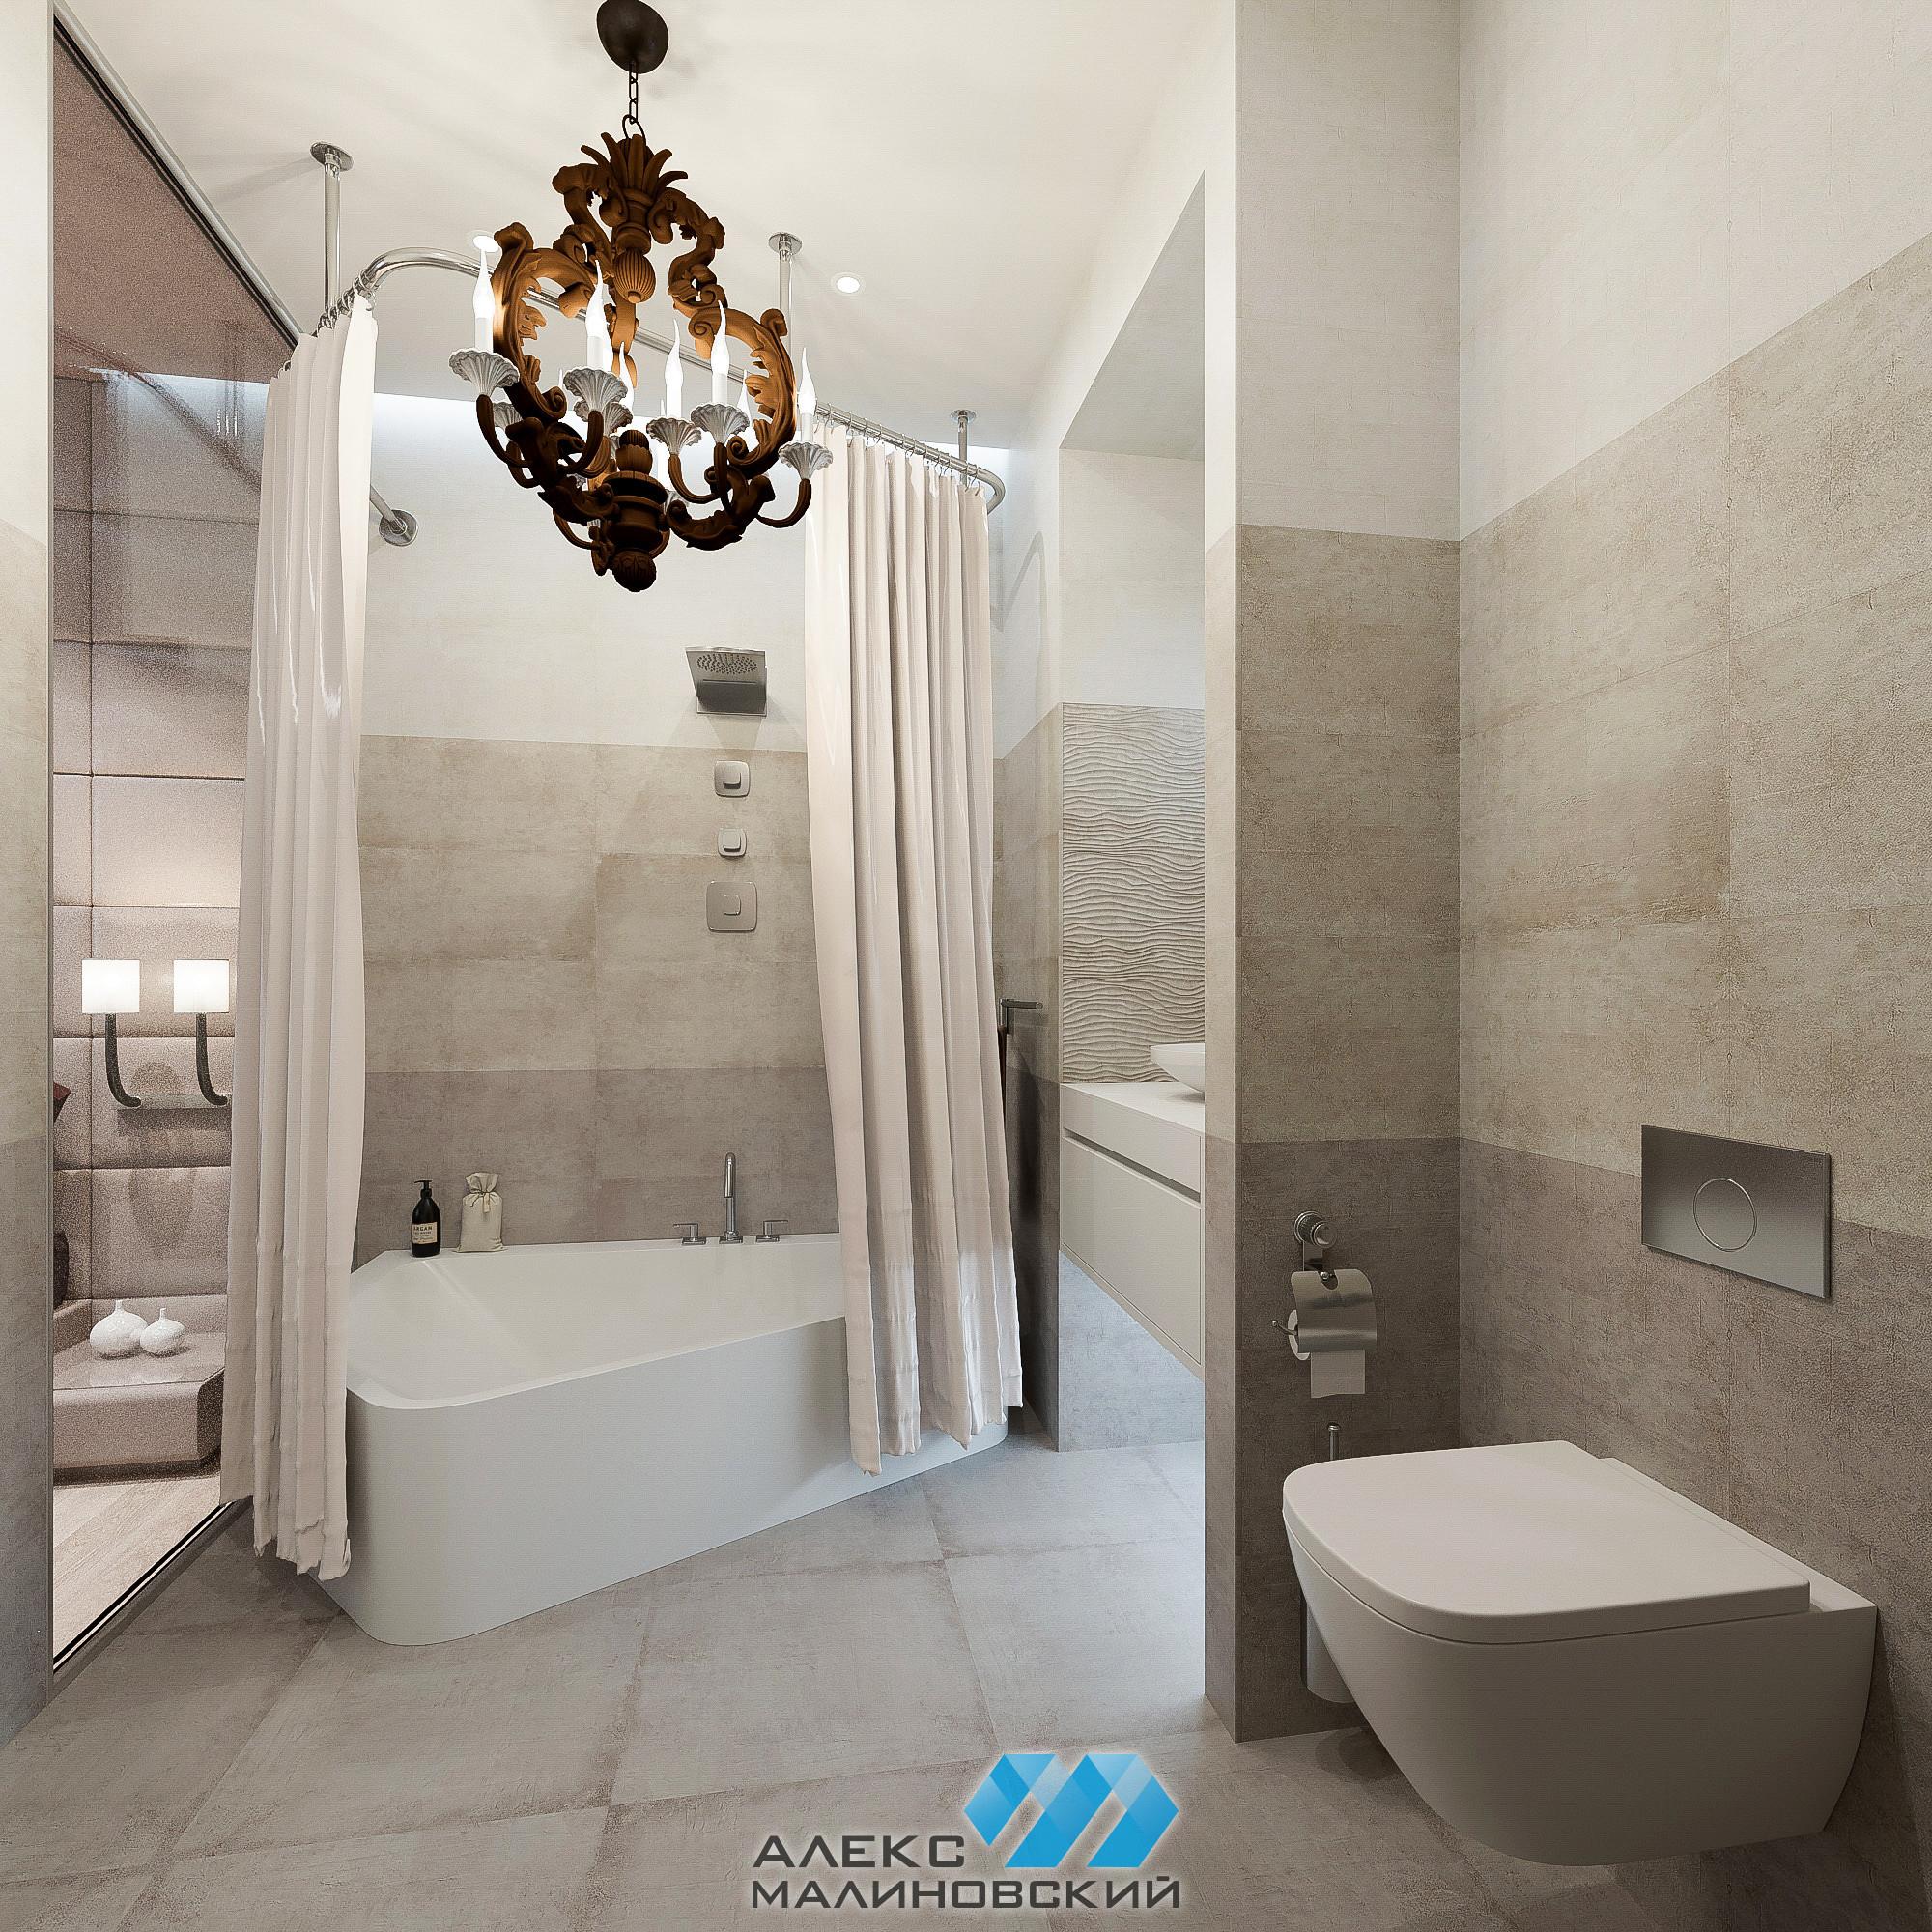 Ванная, 2х комнатная квартира, ЖК Водный, Москва